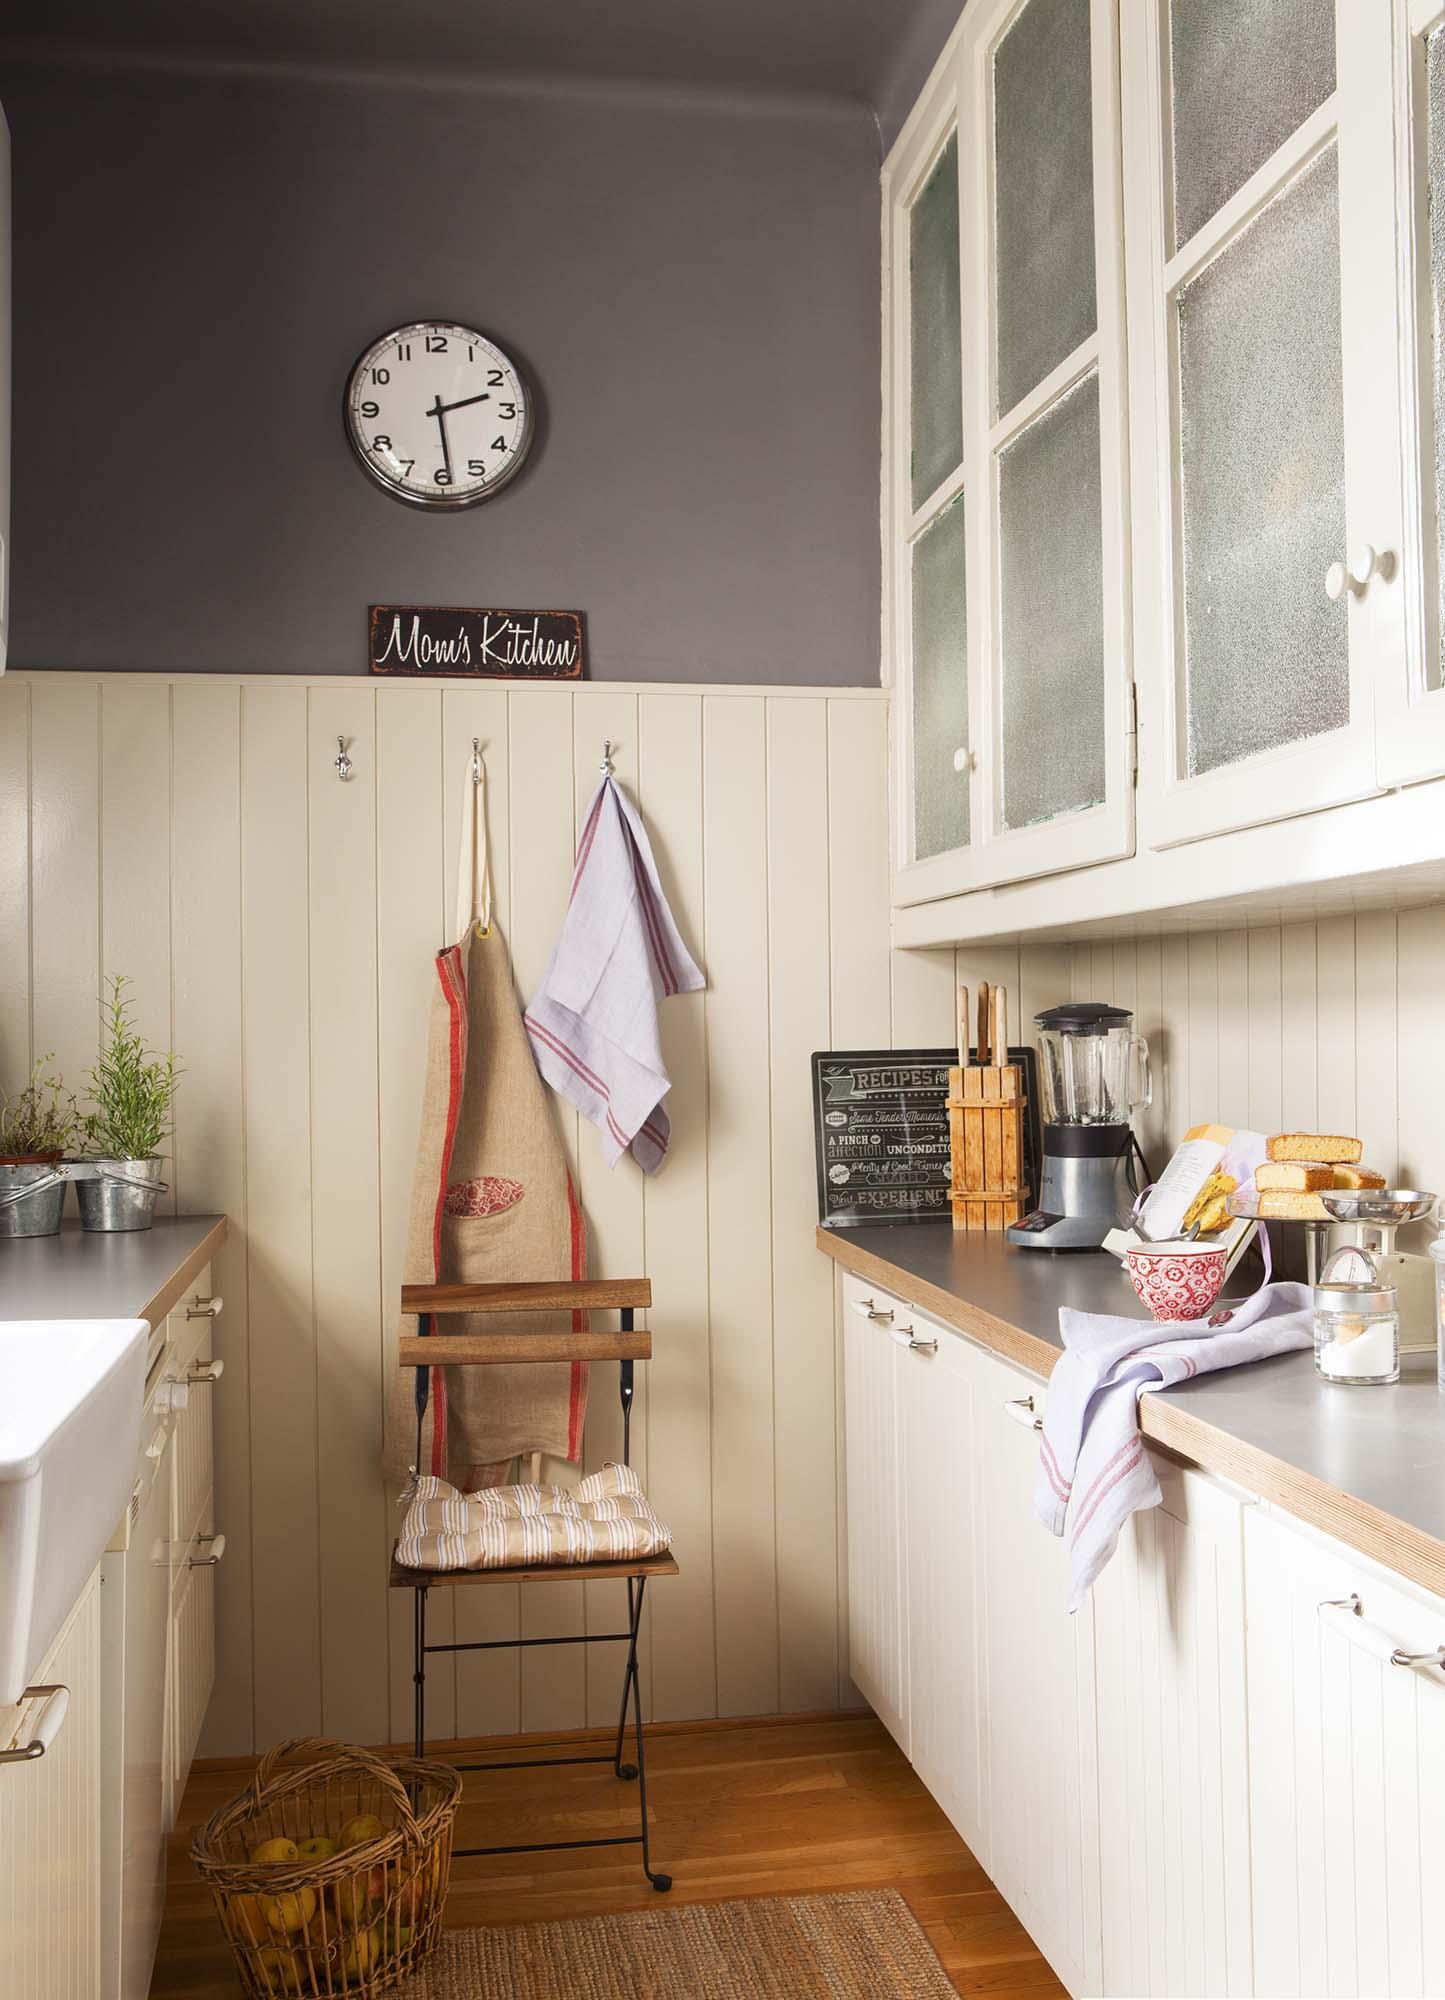 Cocina con mobiliario en blanco, pared gris y arrimadero de lamas verticales en blanco. Un arrimadero que viste y protege